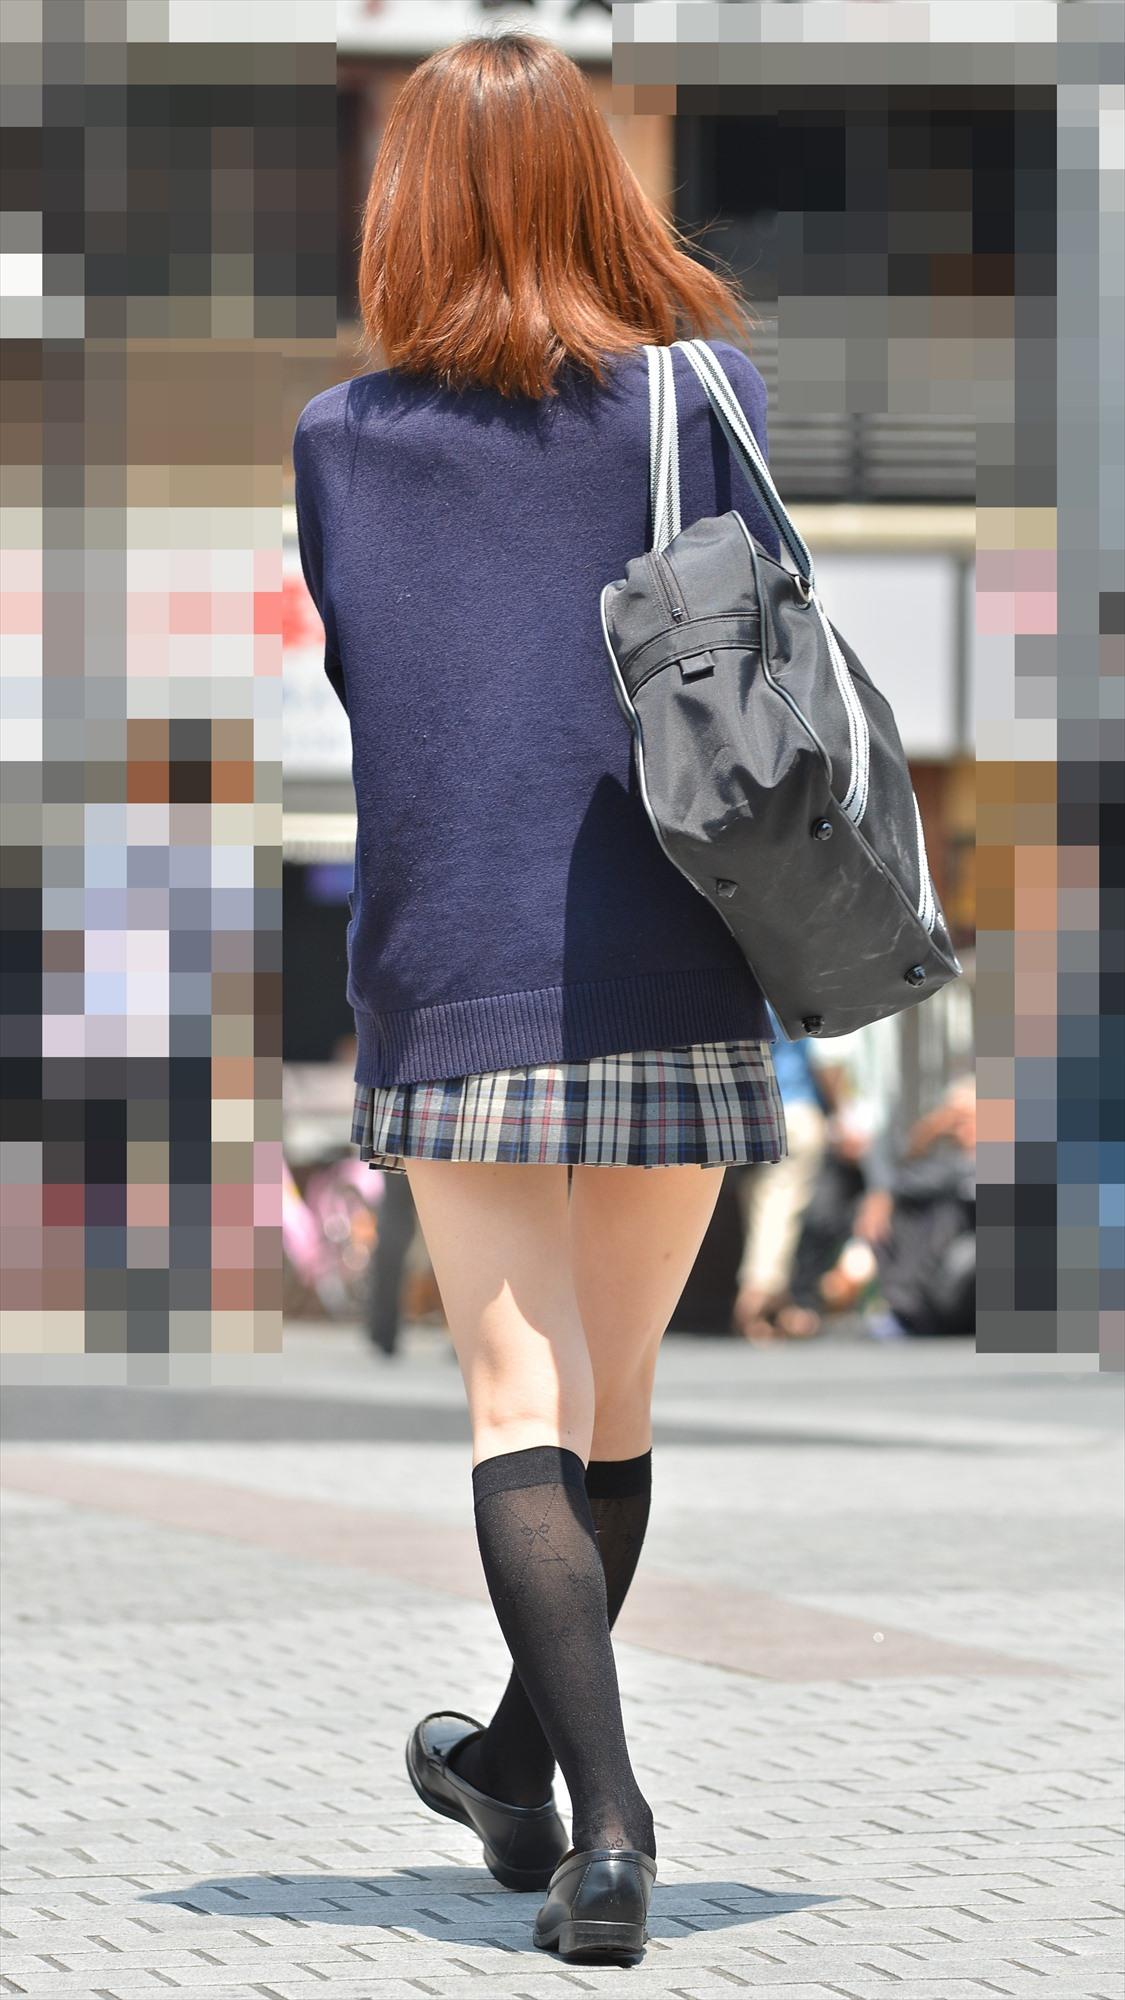 スカートの丈が短すぎてお尻が見えそうな制服JK!